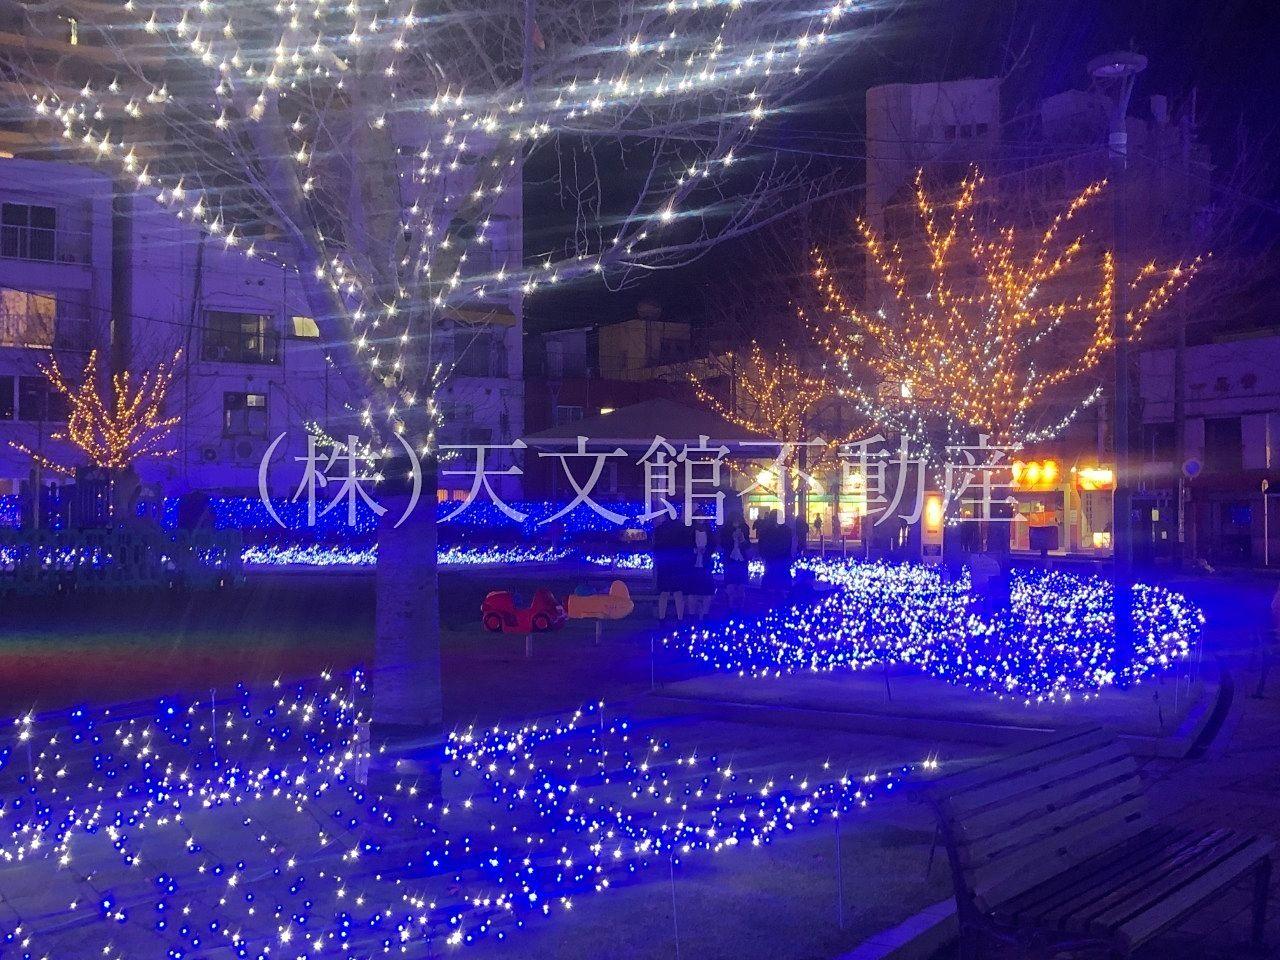 鹿児島市千日町天文館公園ミリオネーション綺麗な風景